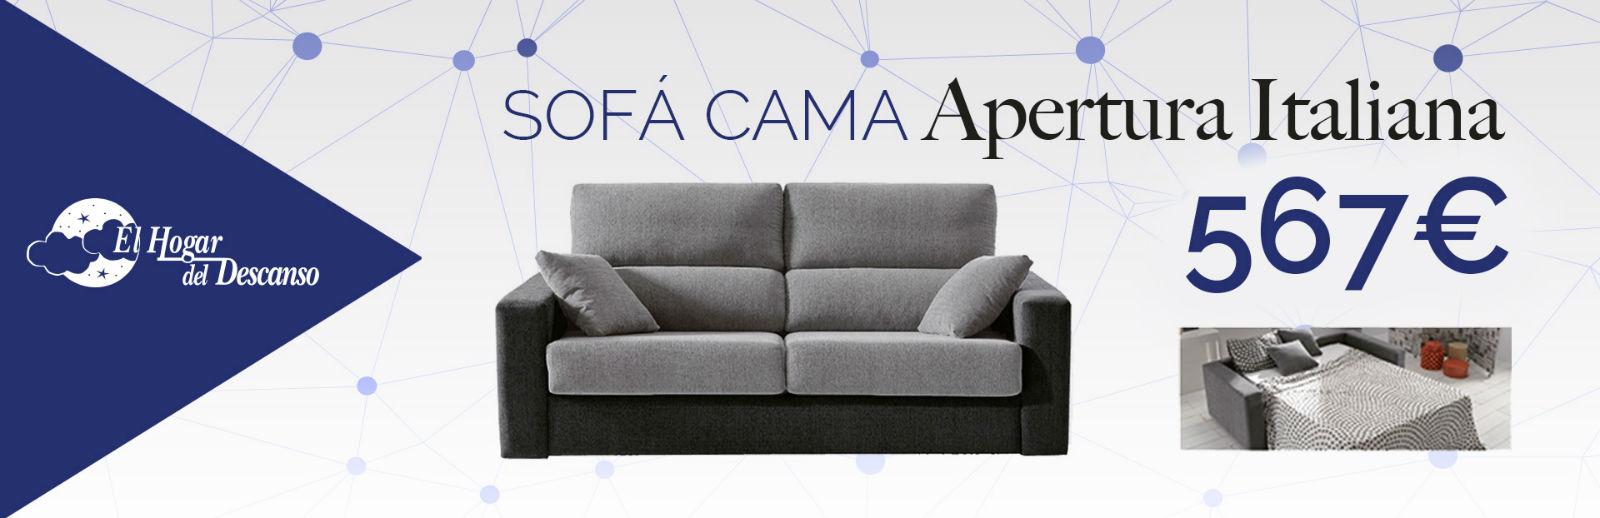 Sof cama comprar sof cama almer a sof cama clic clac for Sofa cama italiano